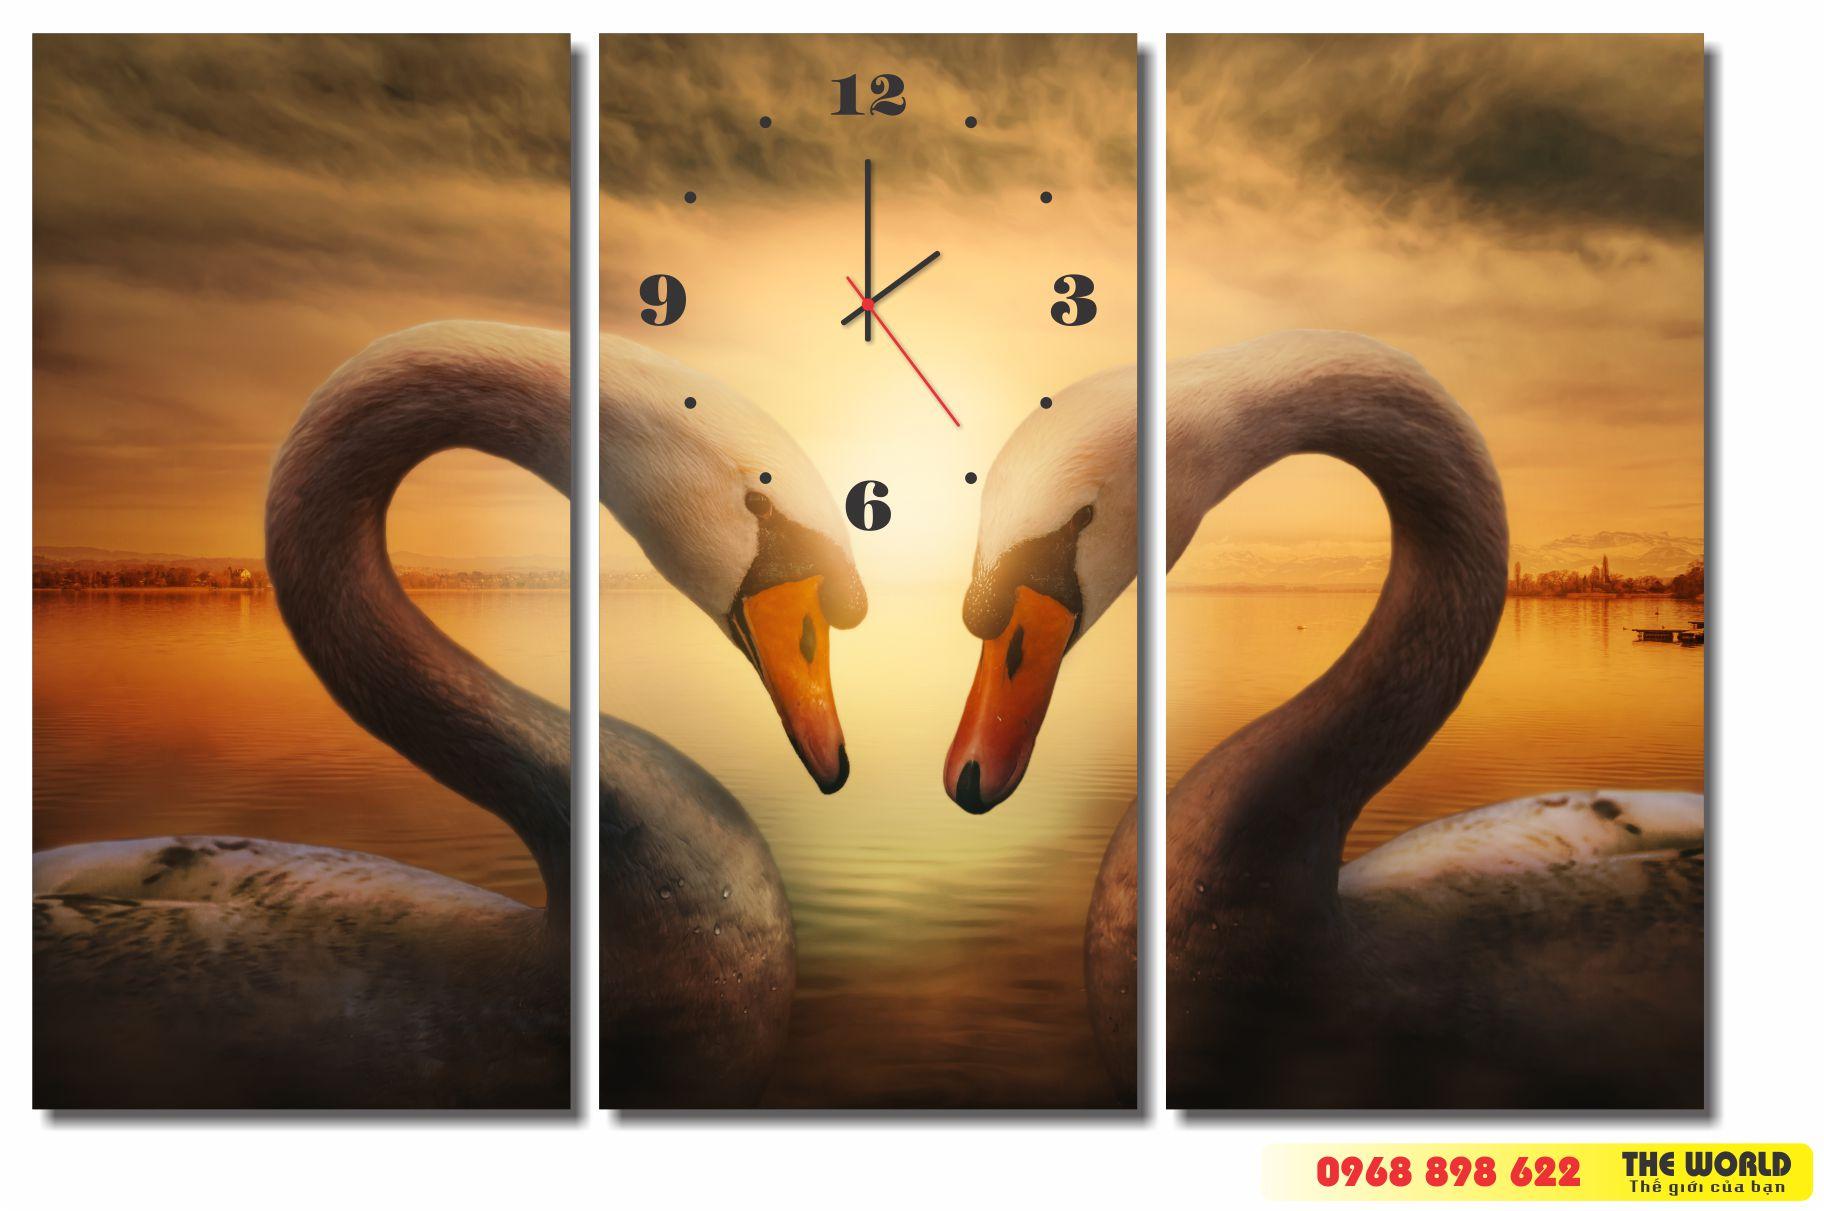 tranh đồng hồ treo tường nghệ thuật